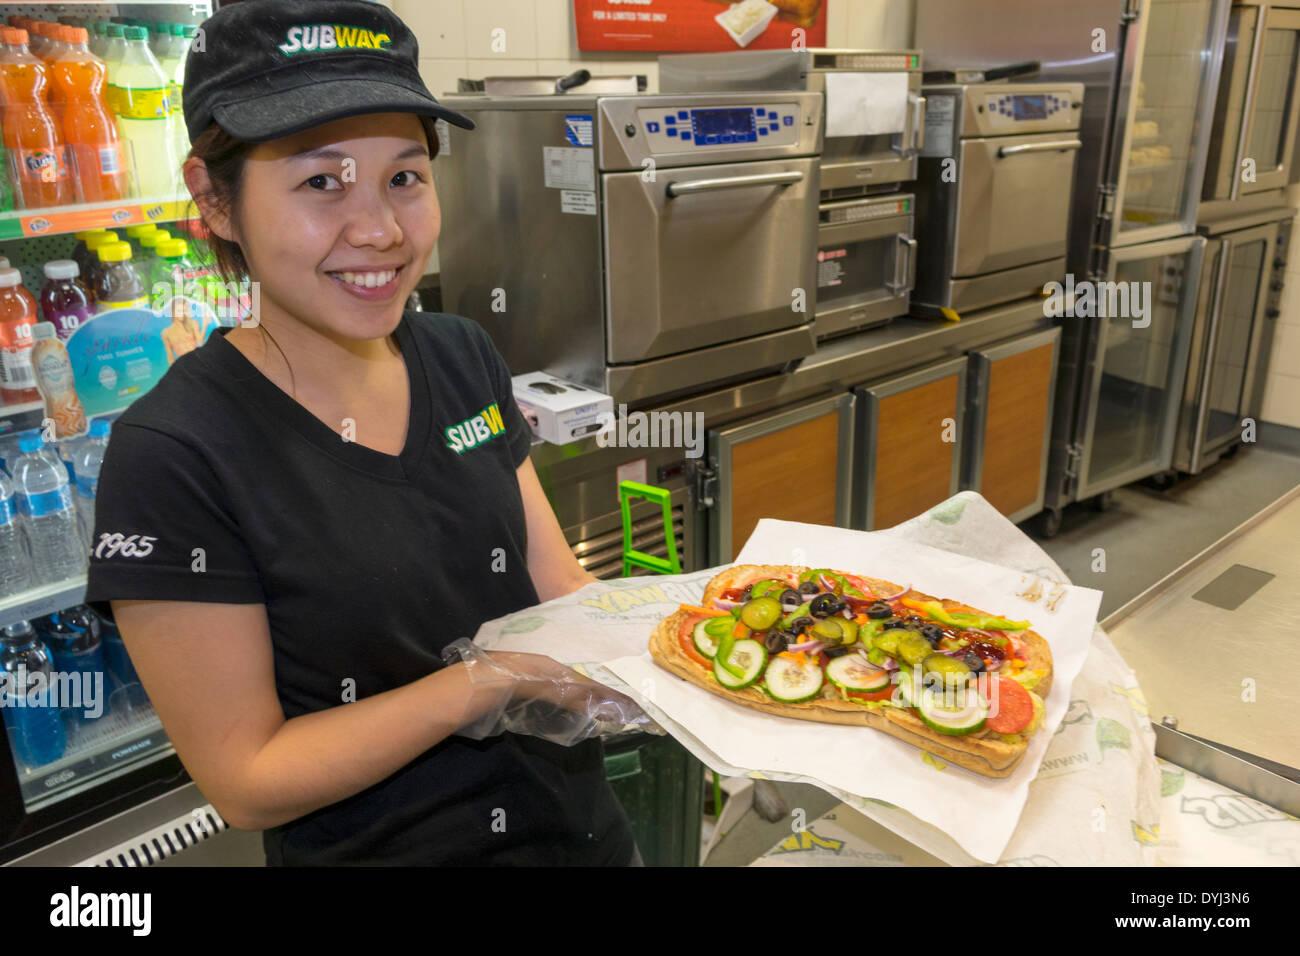 Sydney Australia NSW New South Wales CBD Central Business District Subway sandwich shop ristorante donna asiatica lavoro dipendente cibo sorridente uniforme Immagini Stock